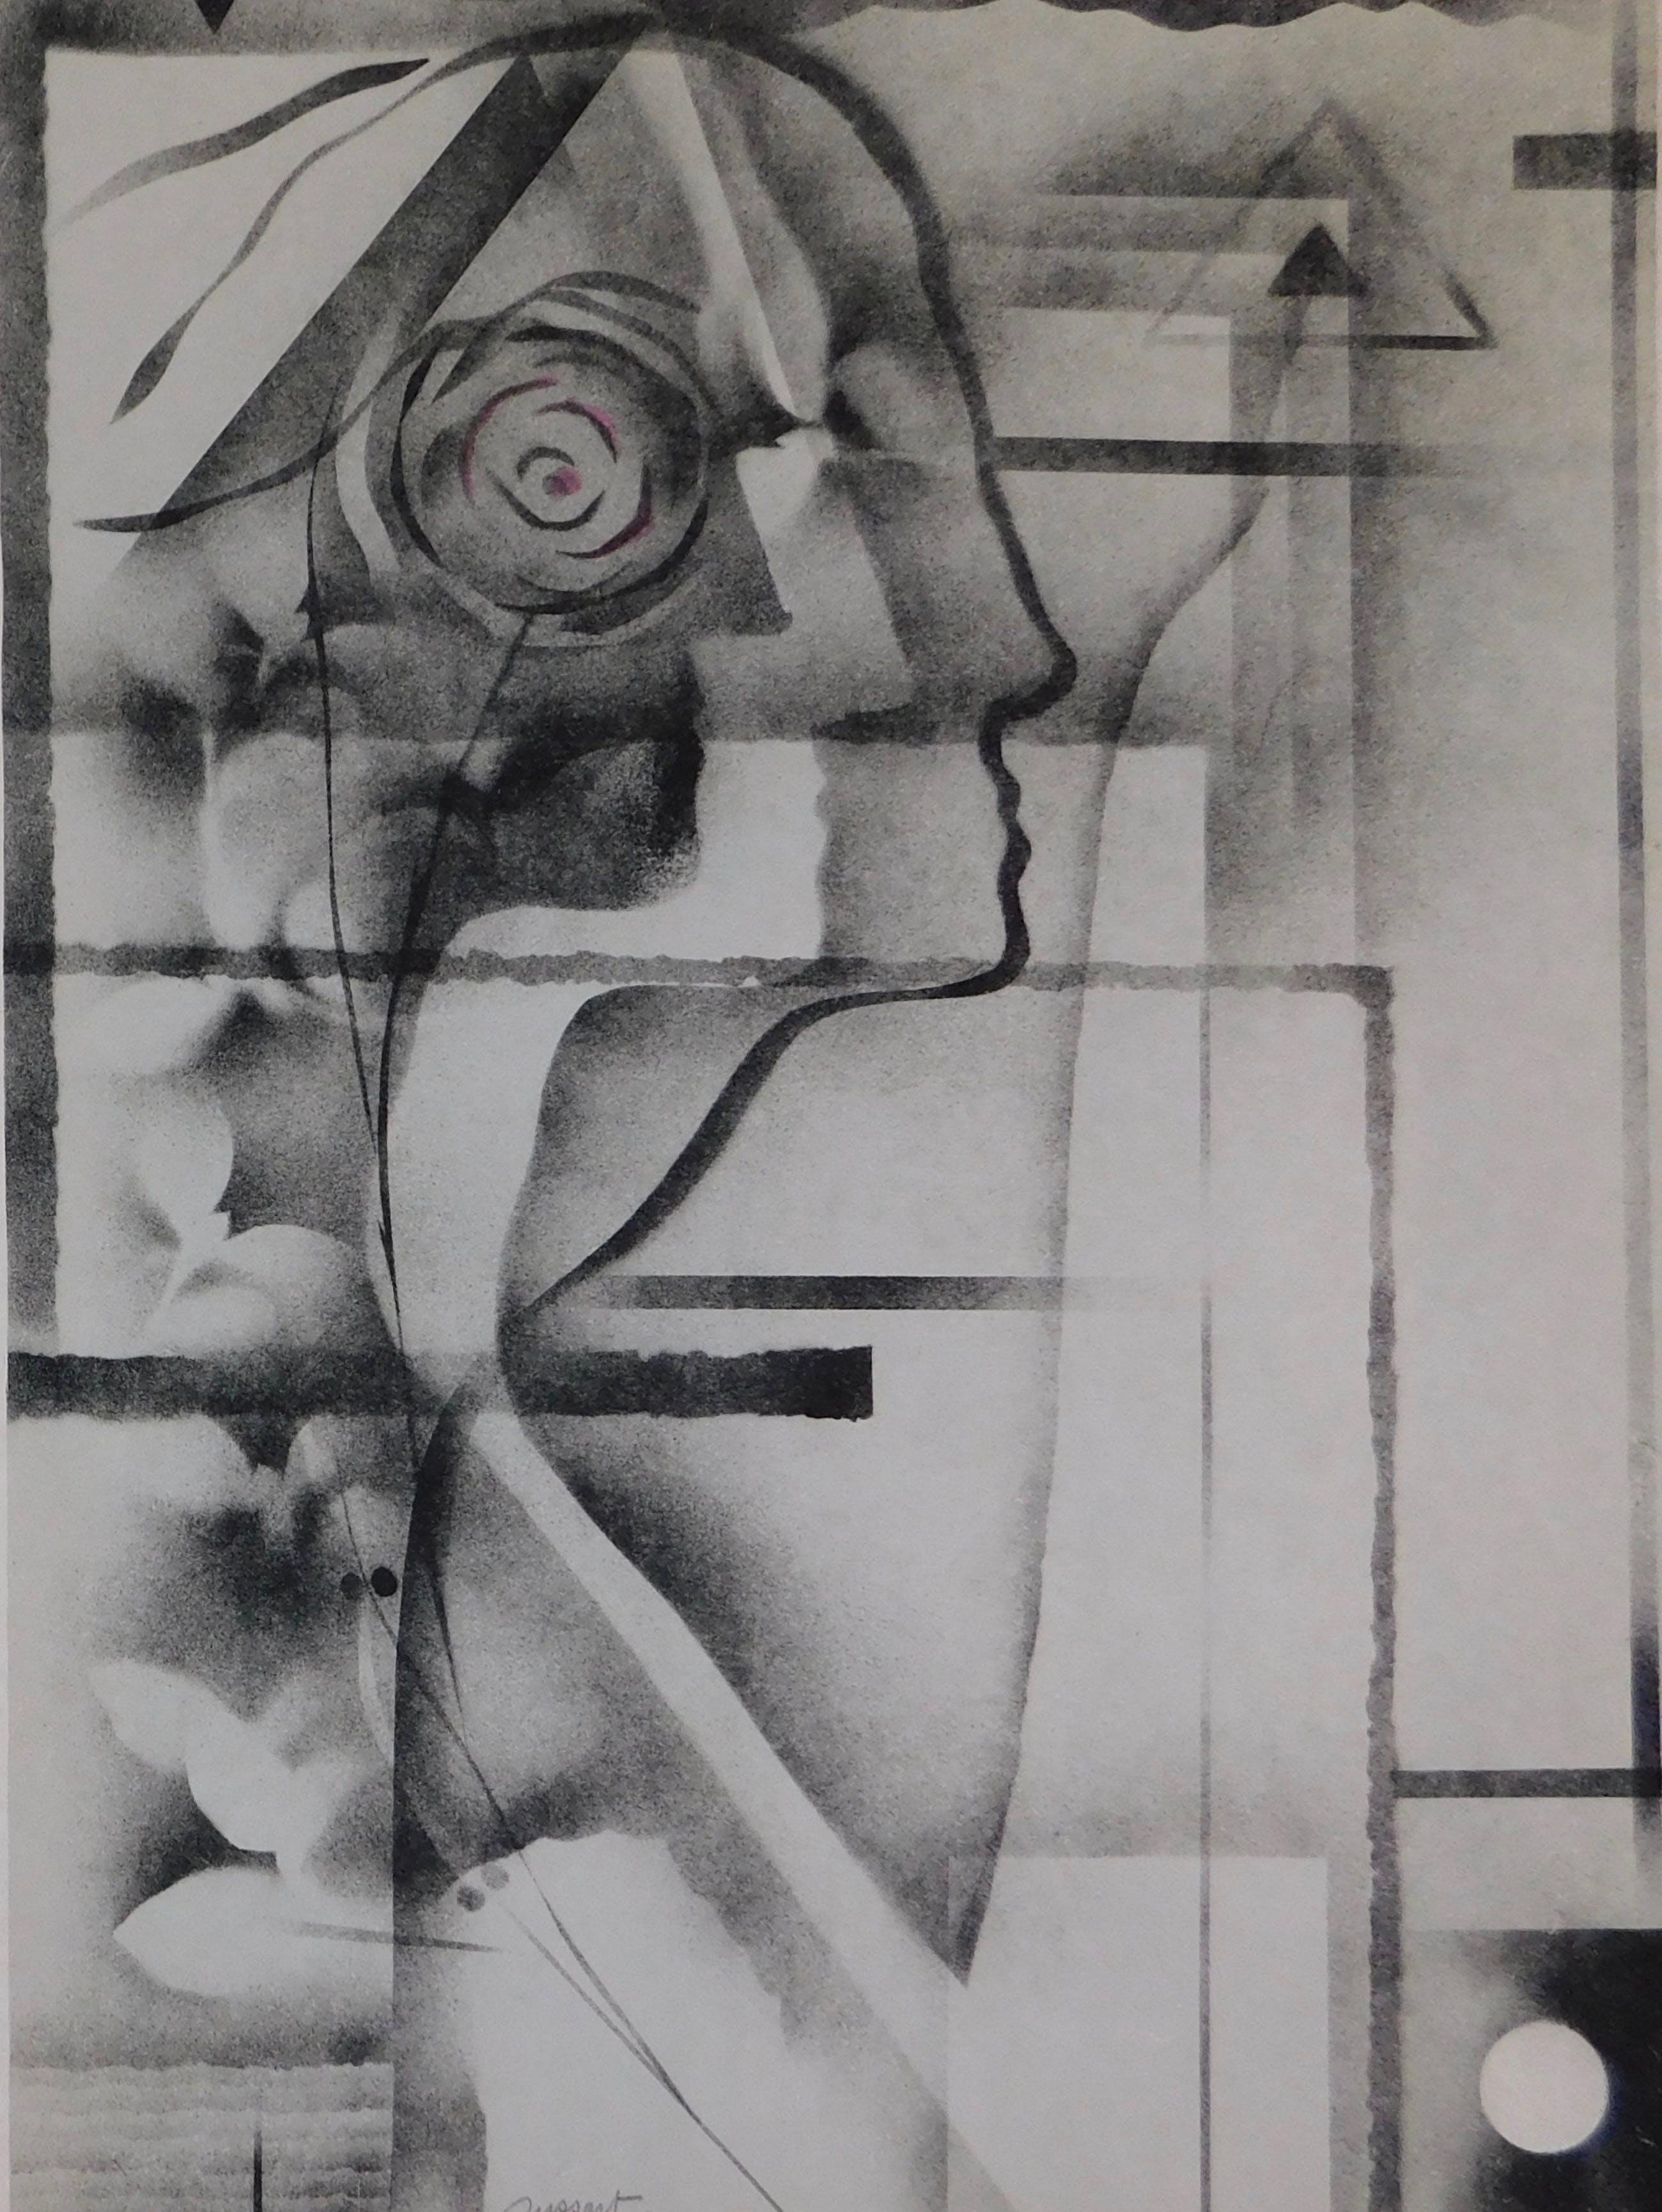 Gislain Dussart - Composition with Rose kopen? Bied vanaf 15!